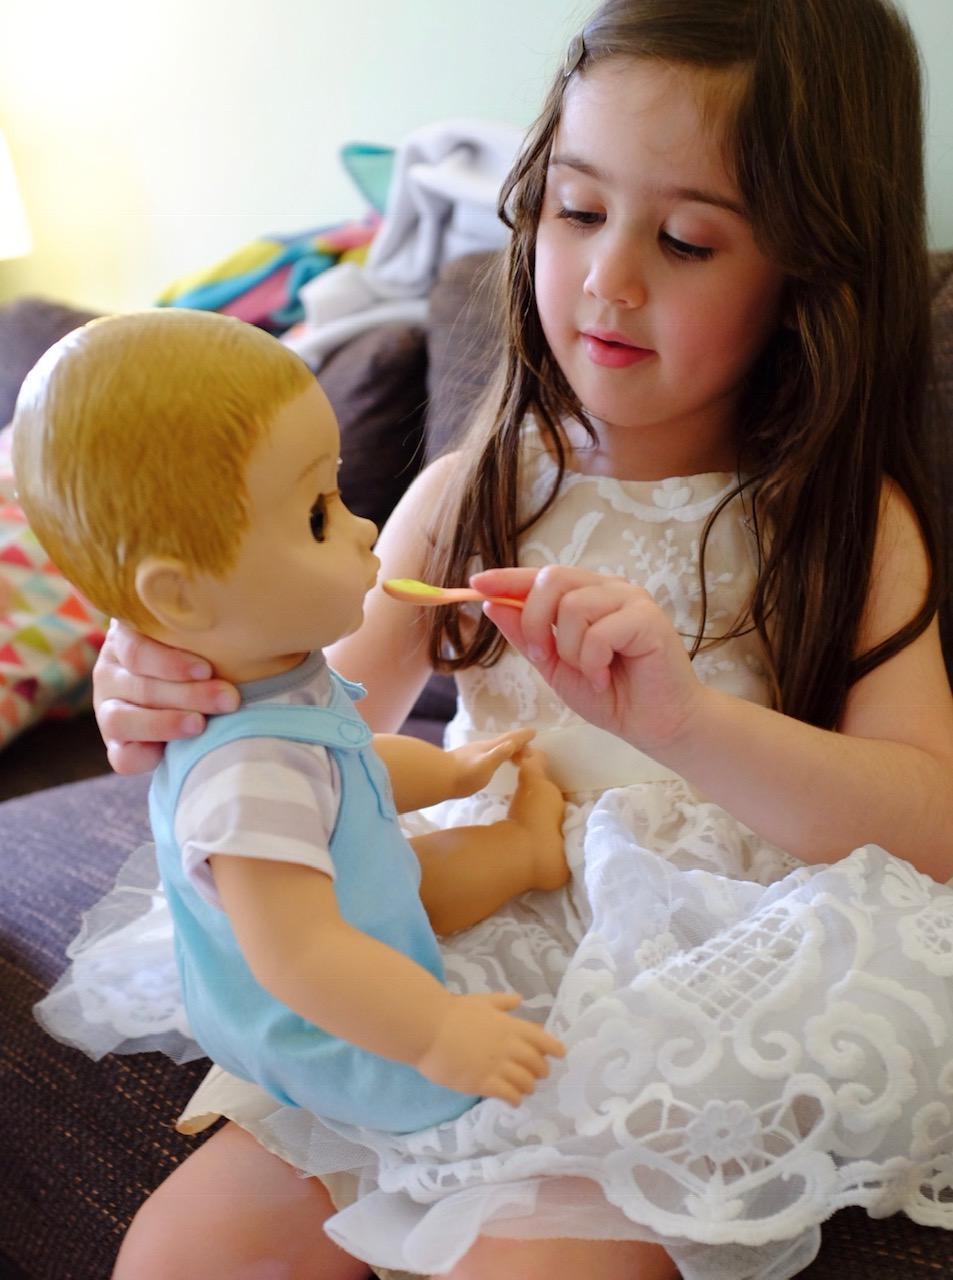 girl feeding Luvabeau